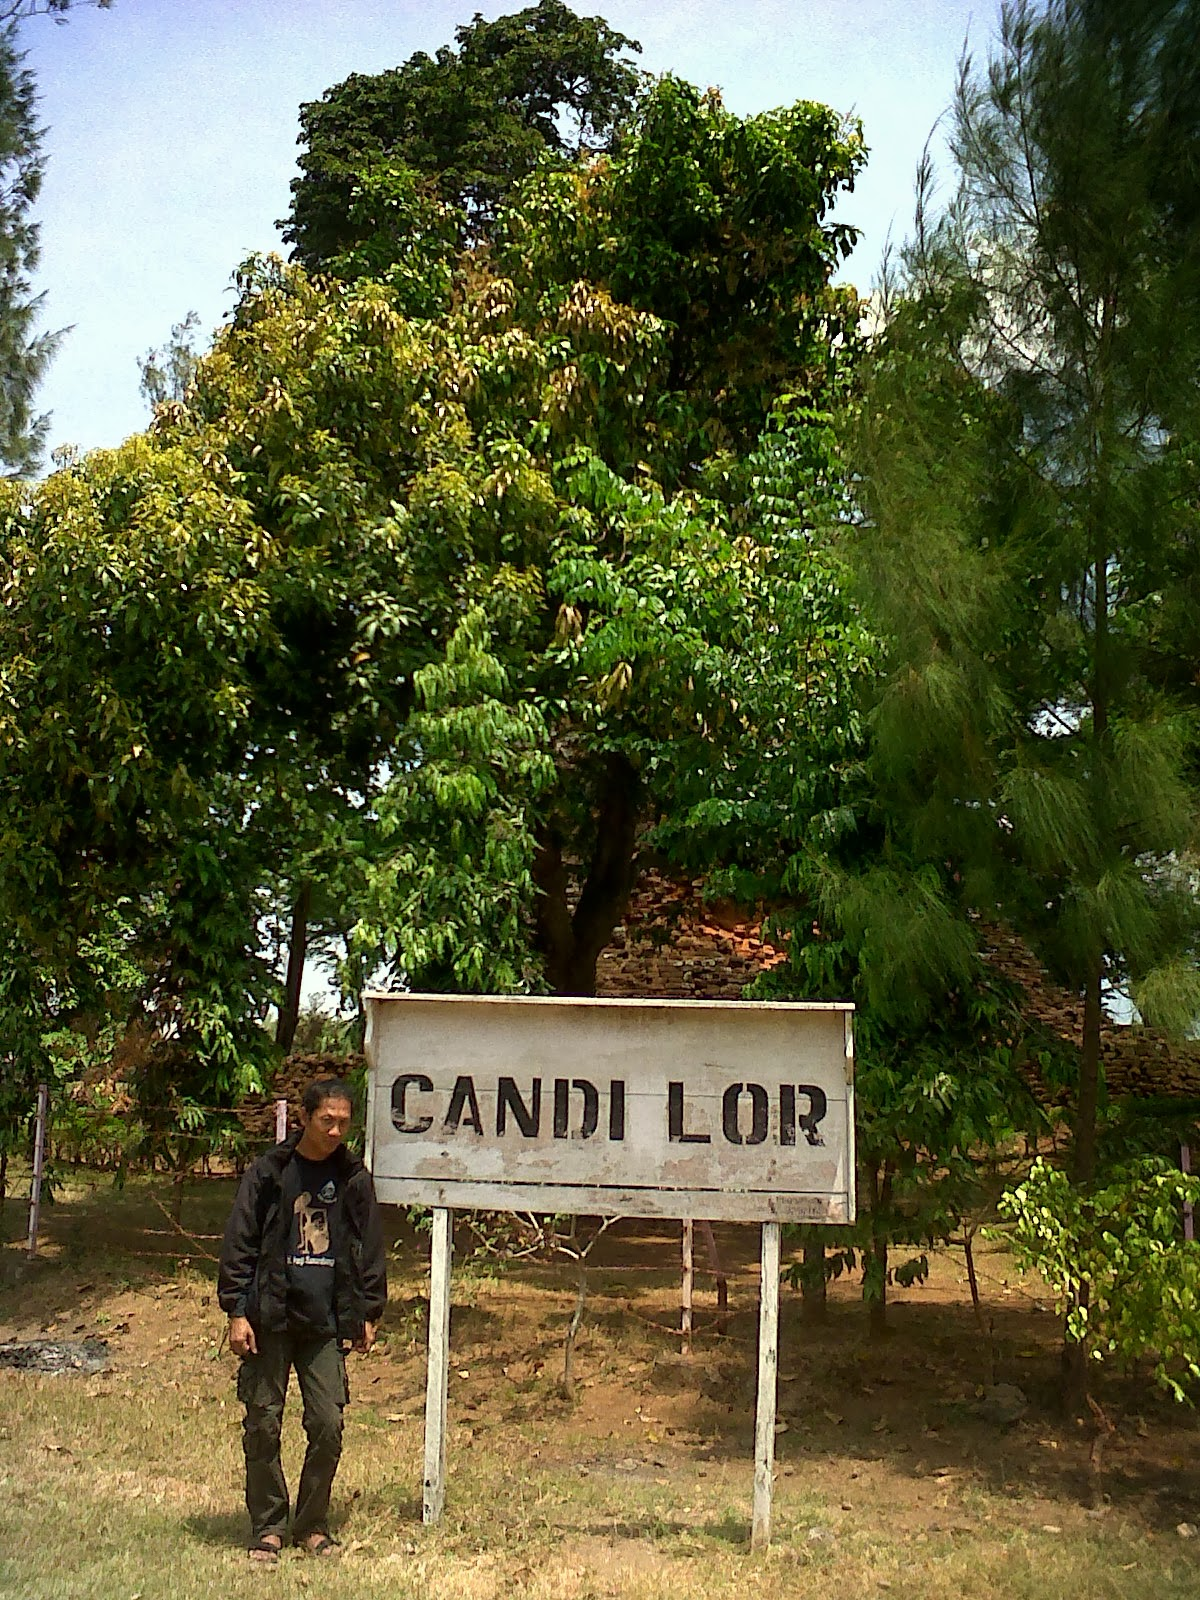 Sejarah Peristiwa Candi Lor Nganjuk Jawa Timur Areal Terdapat Dua